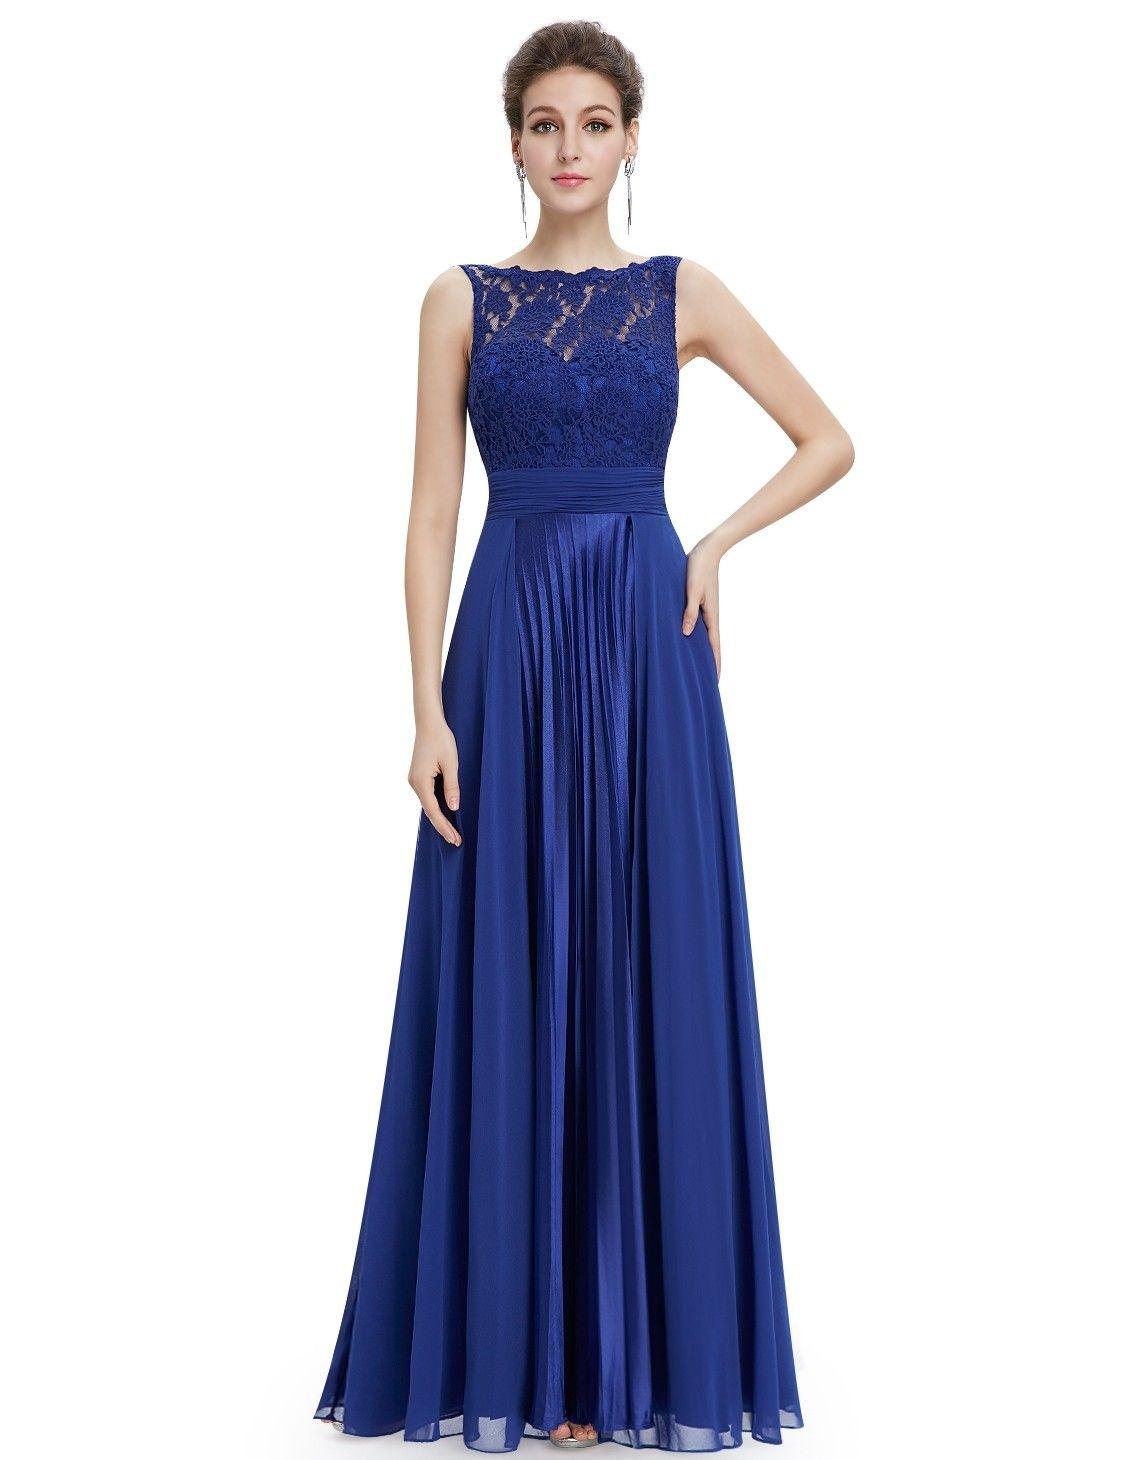 Designer Luxurius Kleid Royalblau Lang für 2019Designer Wunderbar Kleid Royalblau Lang Boutique